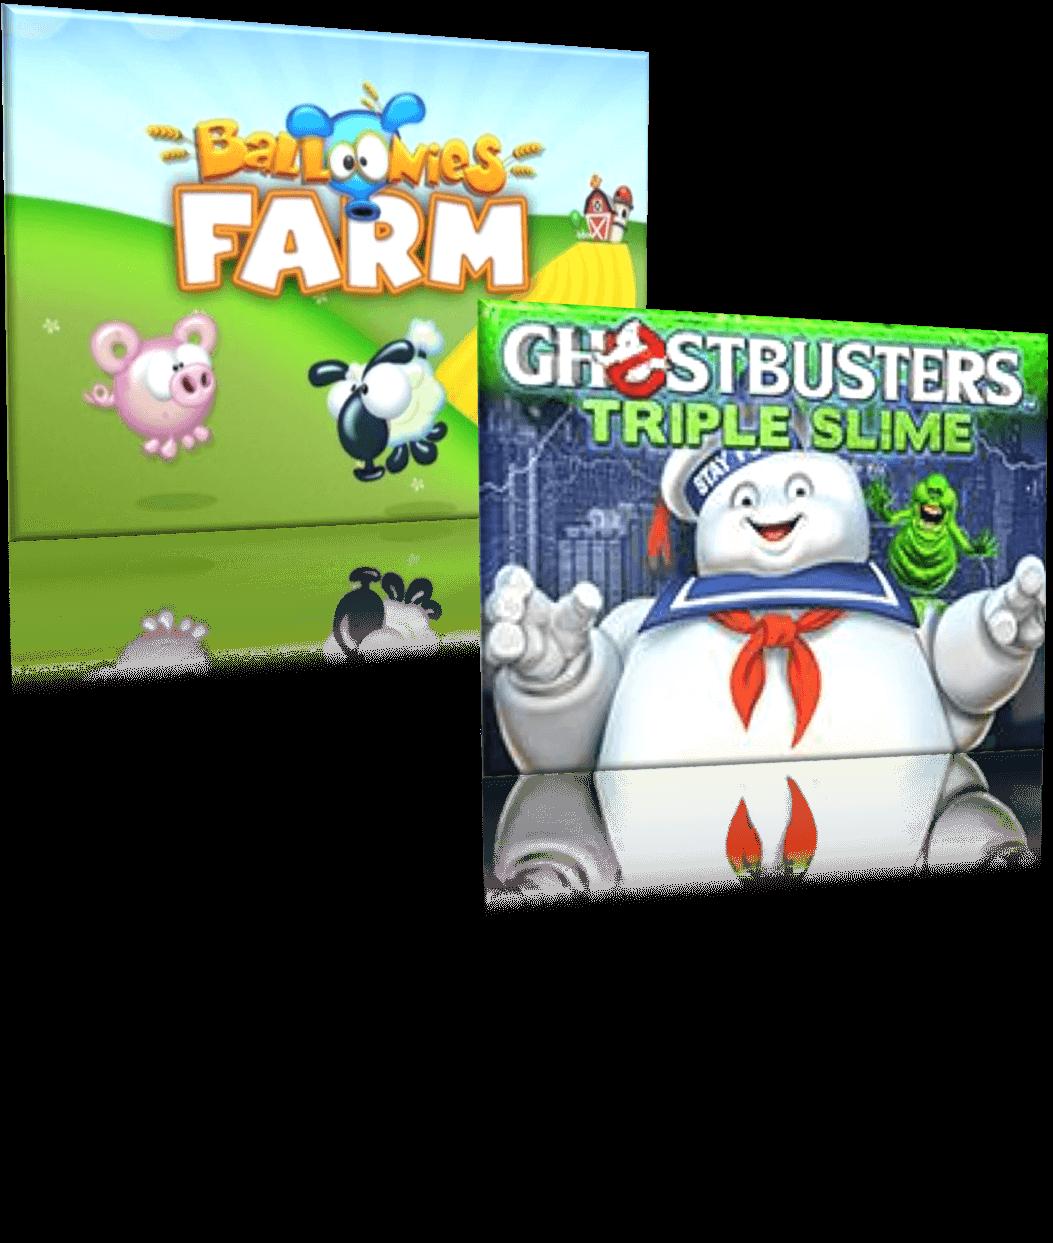 Ghostbusters slots Balloonies Farm slots